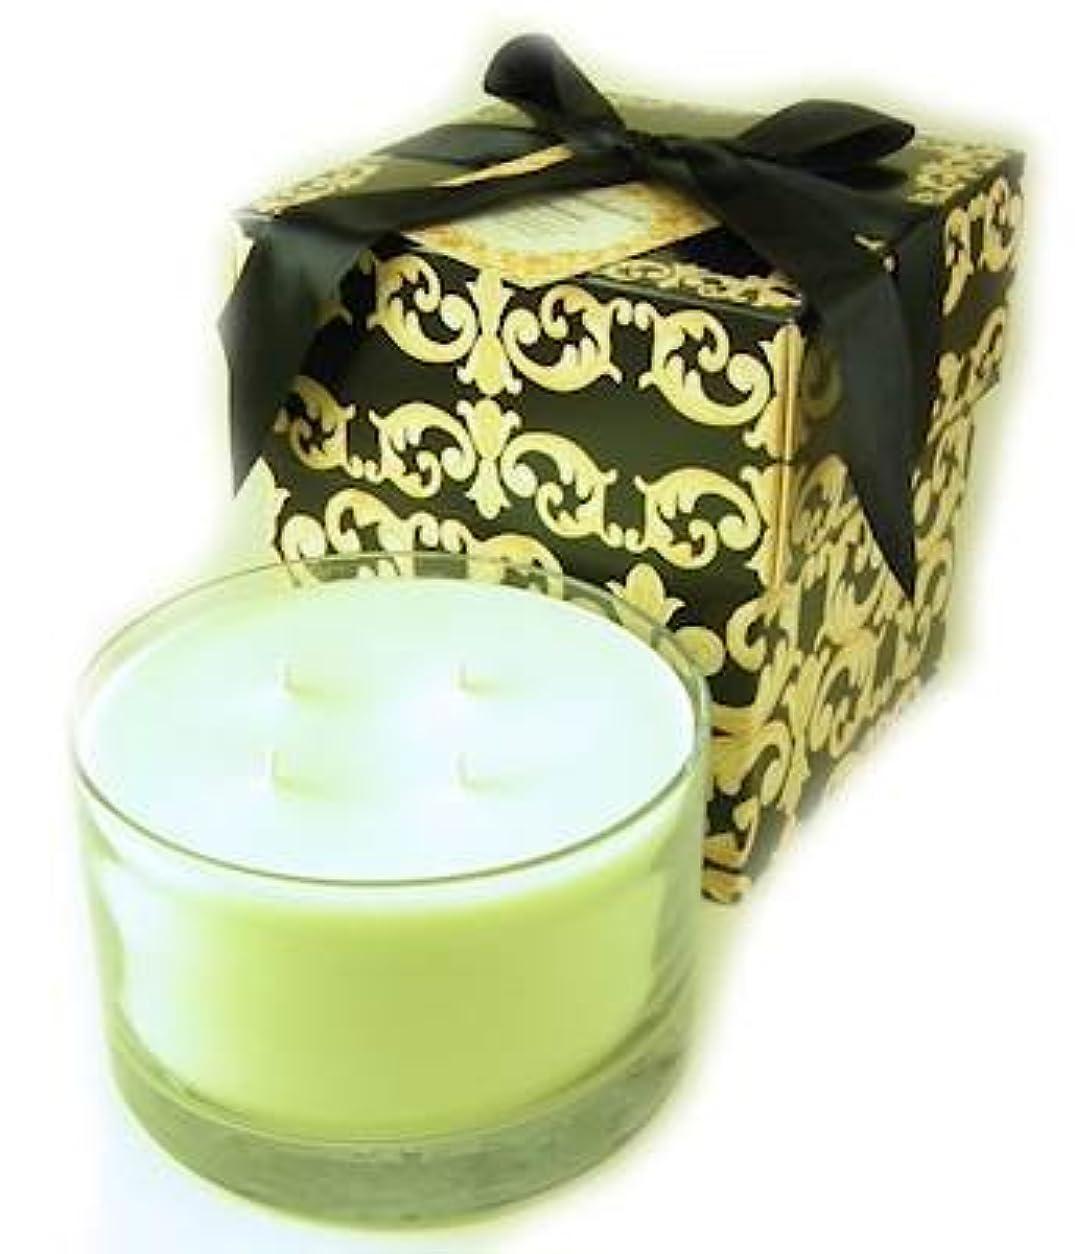 発行かまど市の中心部オレンジバニラ – Exclusive Tyler 40 oz 4-wick香りつきJar Candle